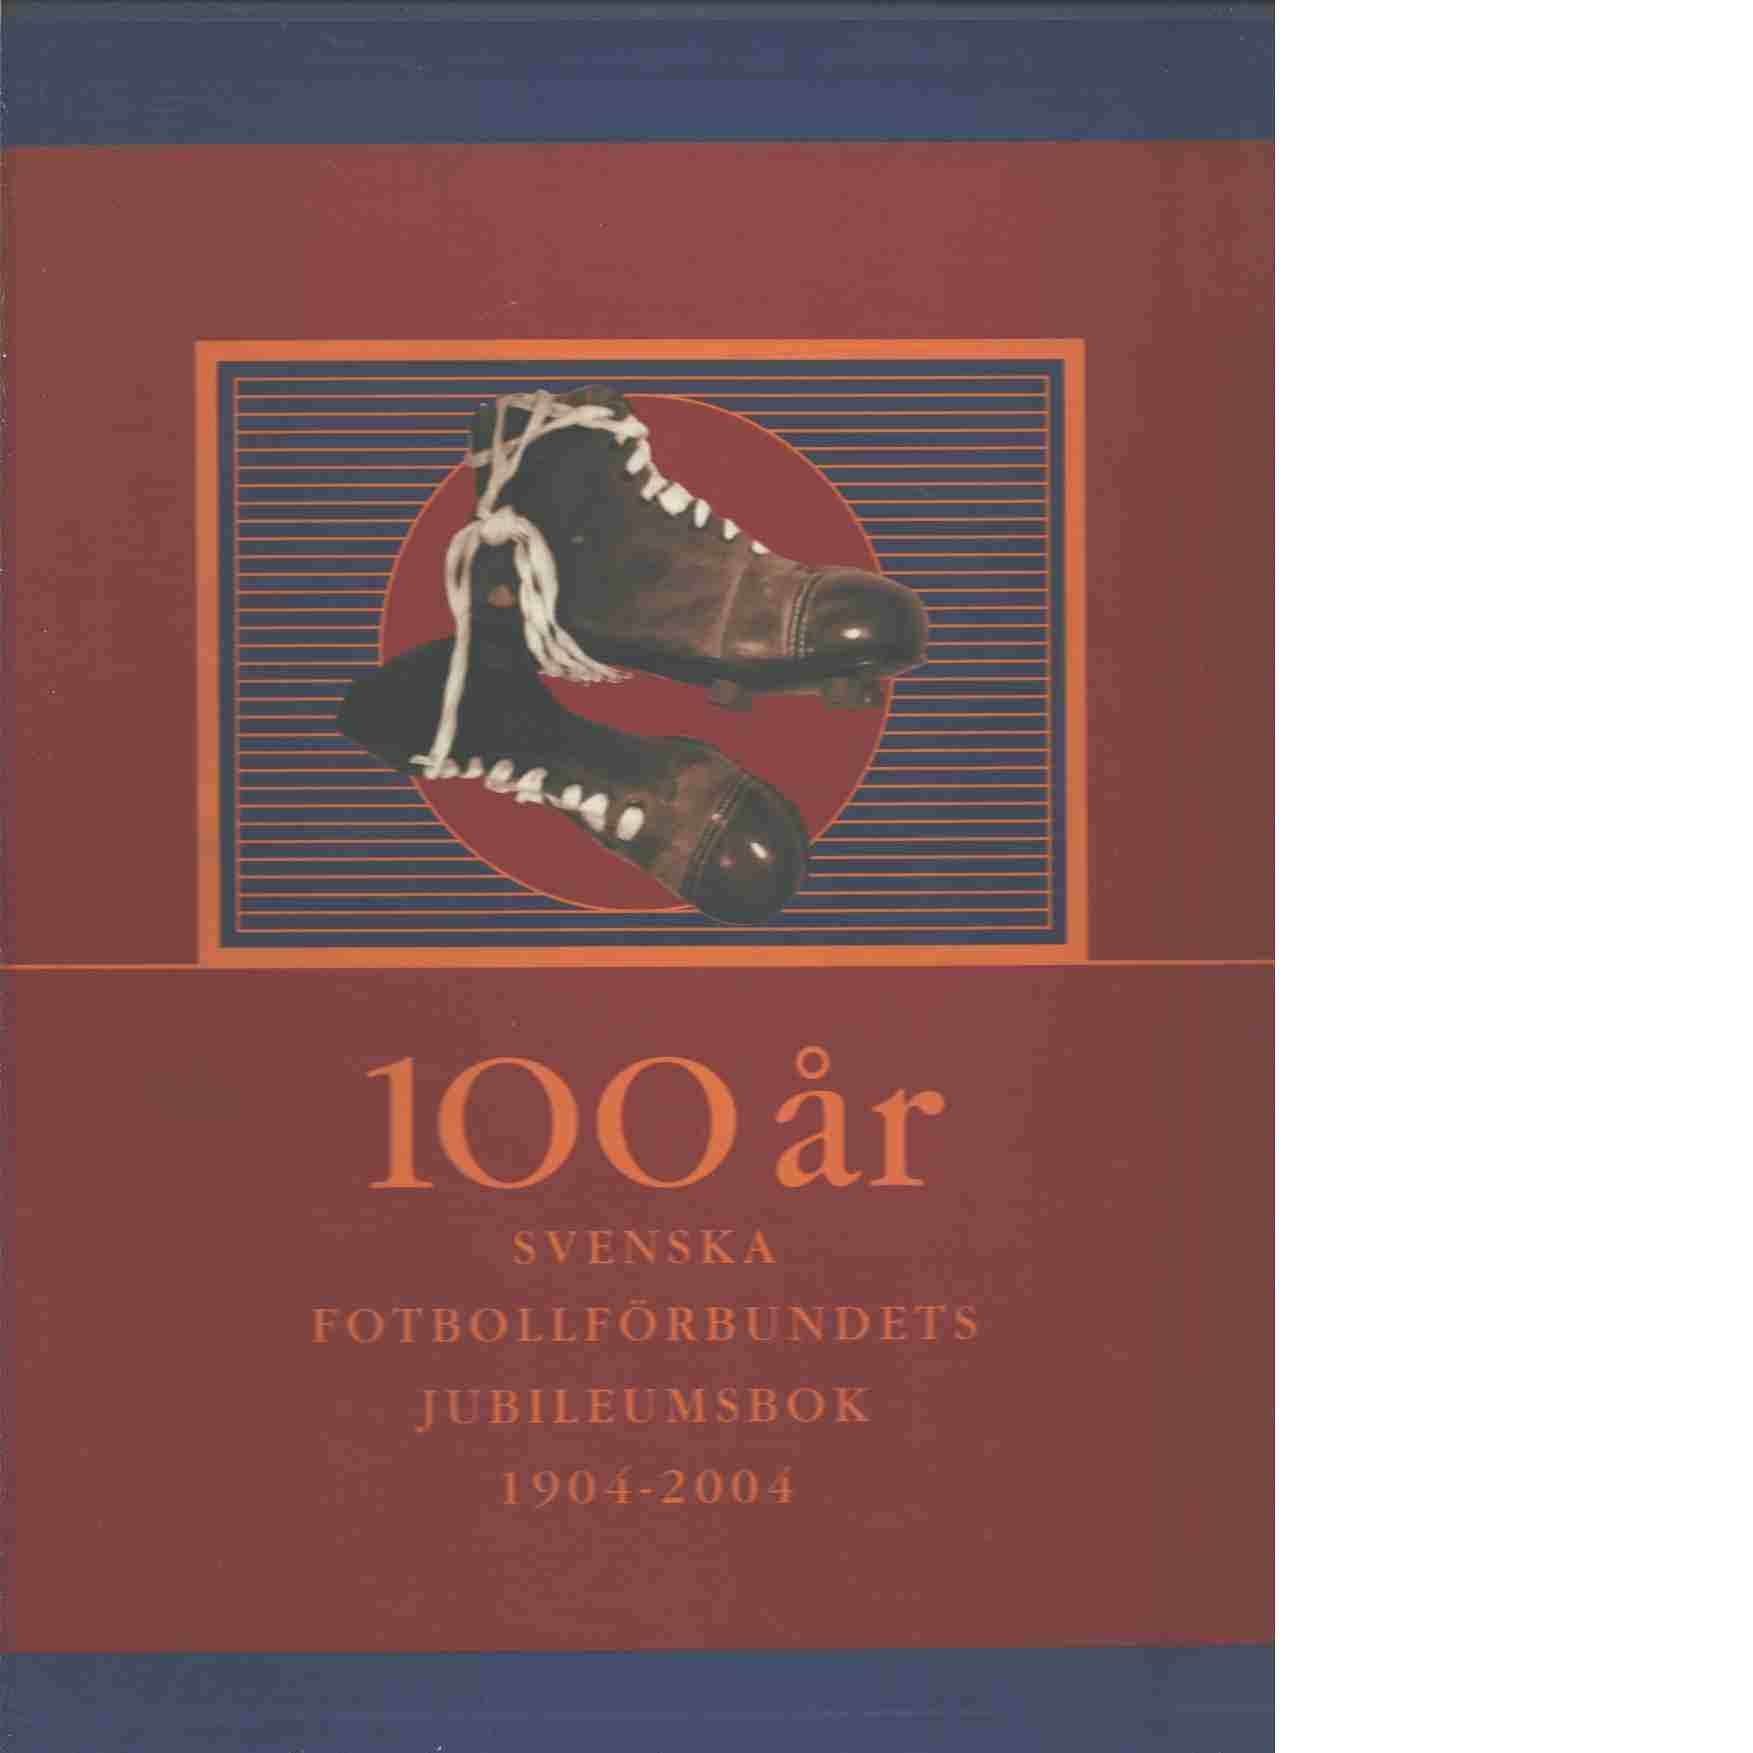 100 år : Svenska fotbollförbundets jubileumsbok 1904-2004. - Ahlström, Jan